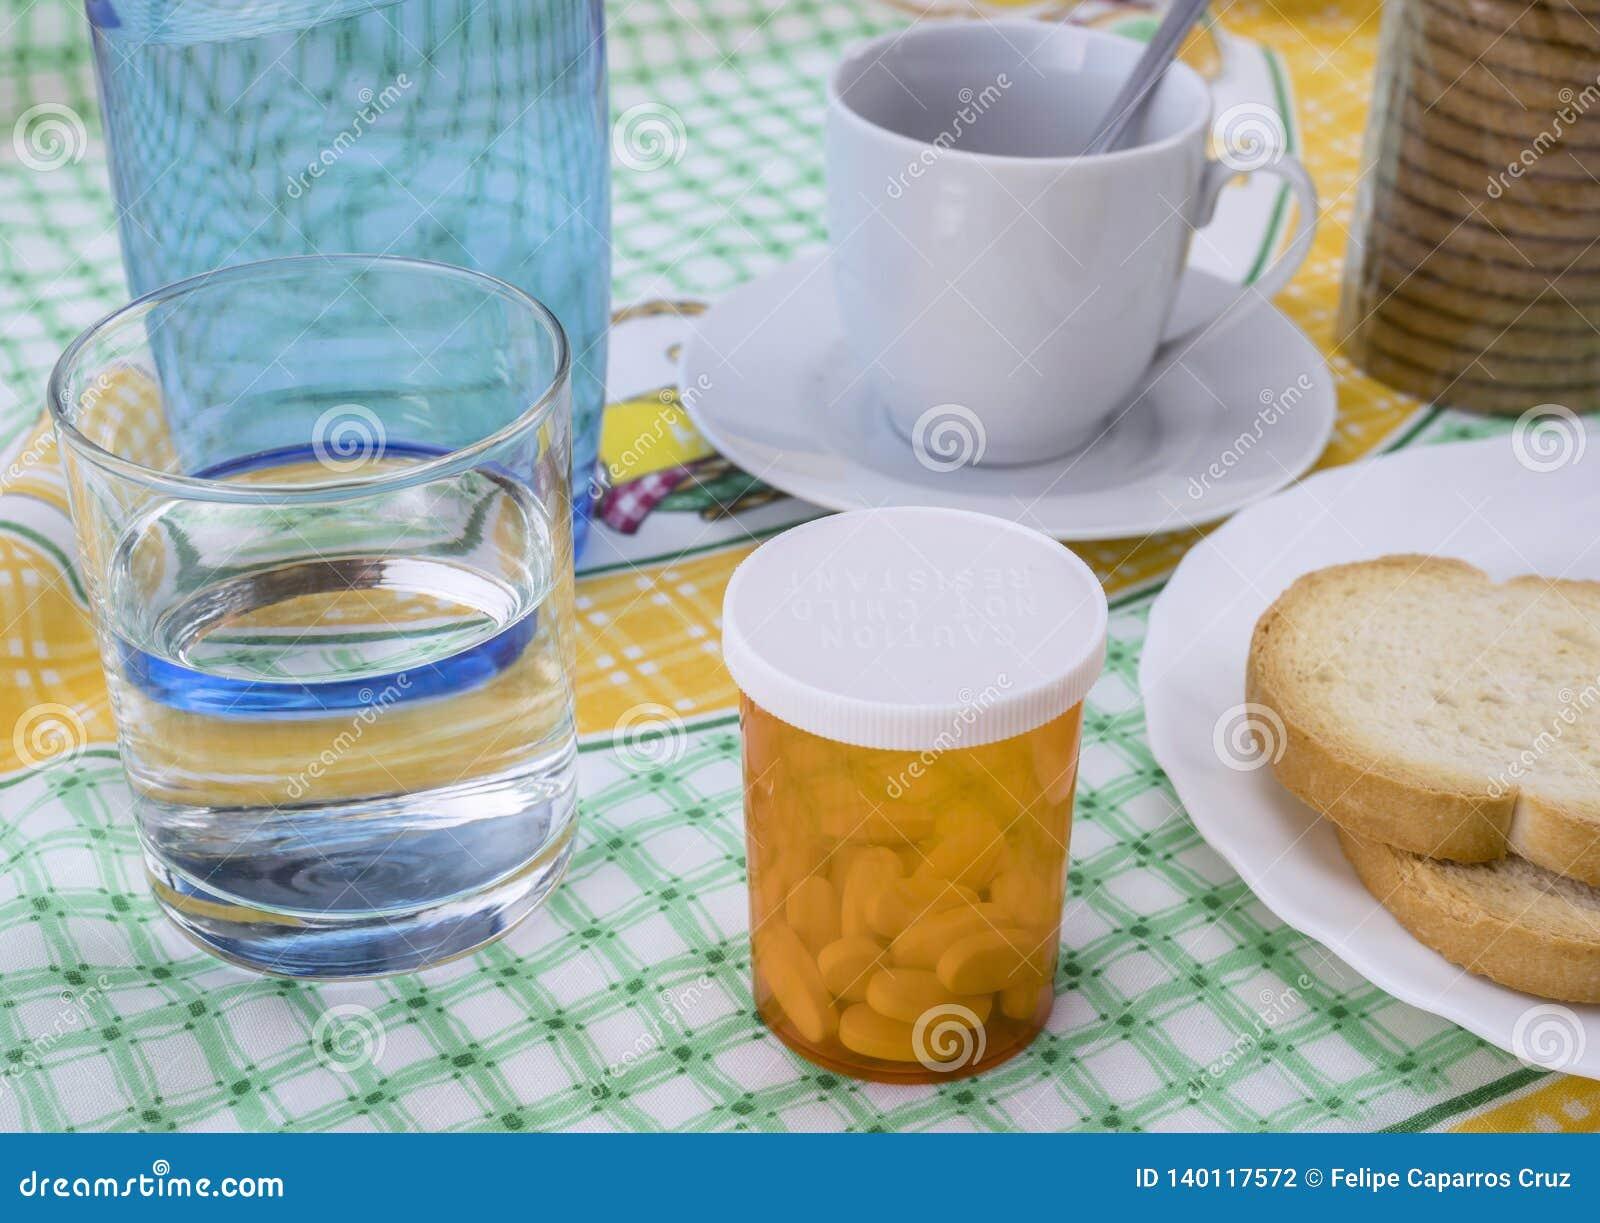 在早餐,在一杯的胶囊期间的疗程水旁边,概念性图象